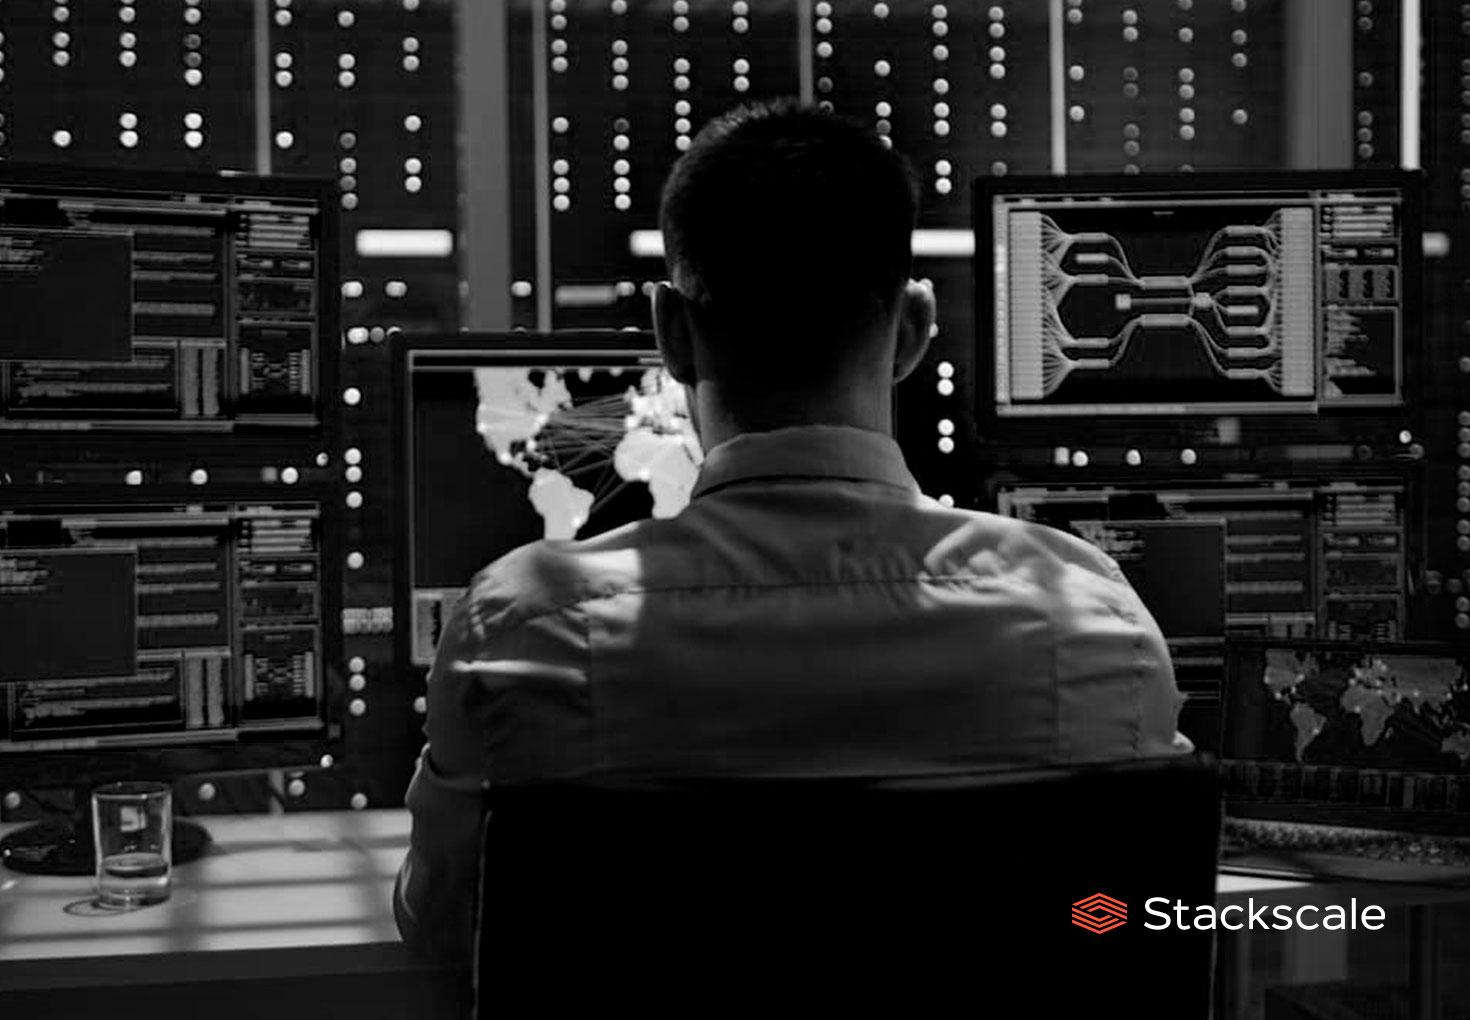 Monitorización de sistemas y servidores